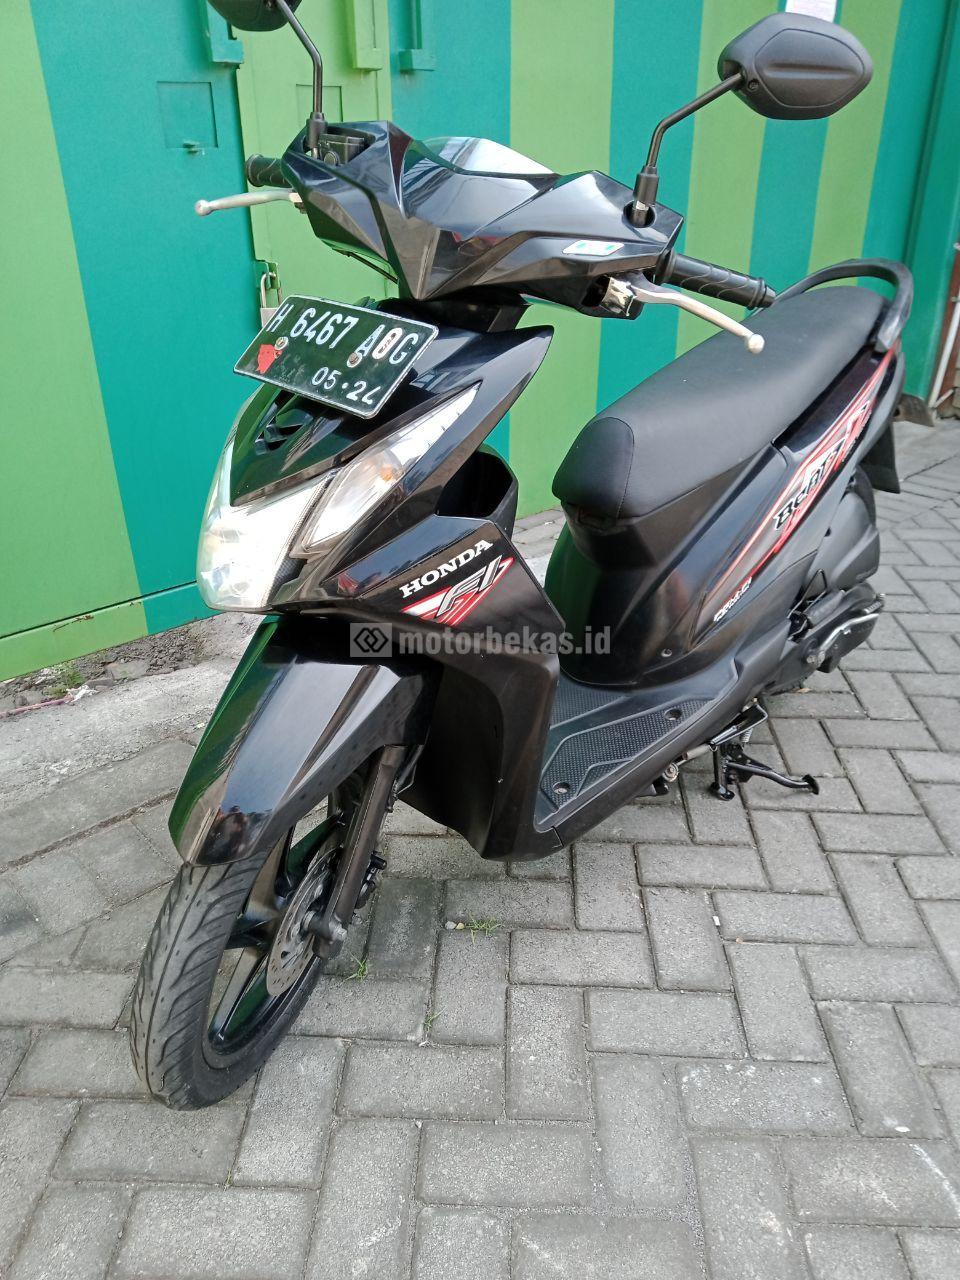 HONDA BEAT FI 3063 motorbekas.id